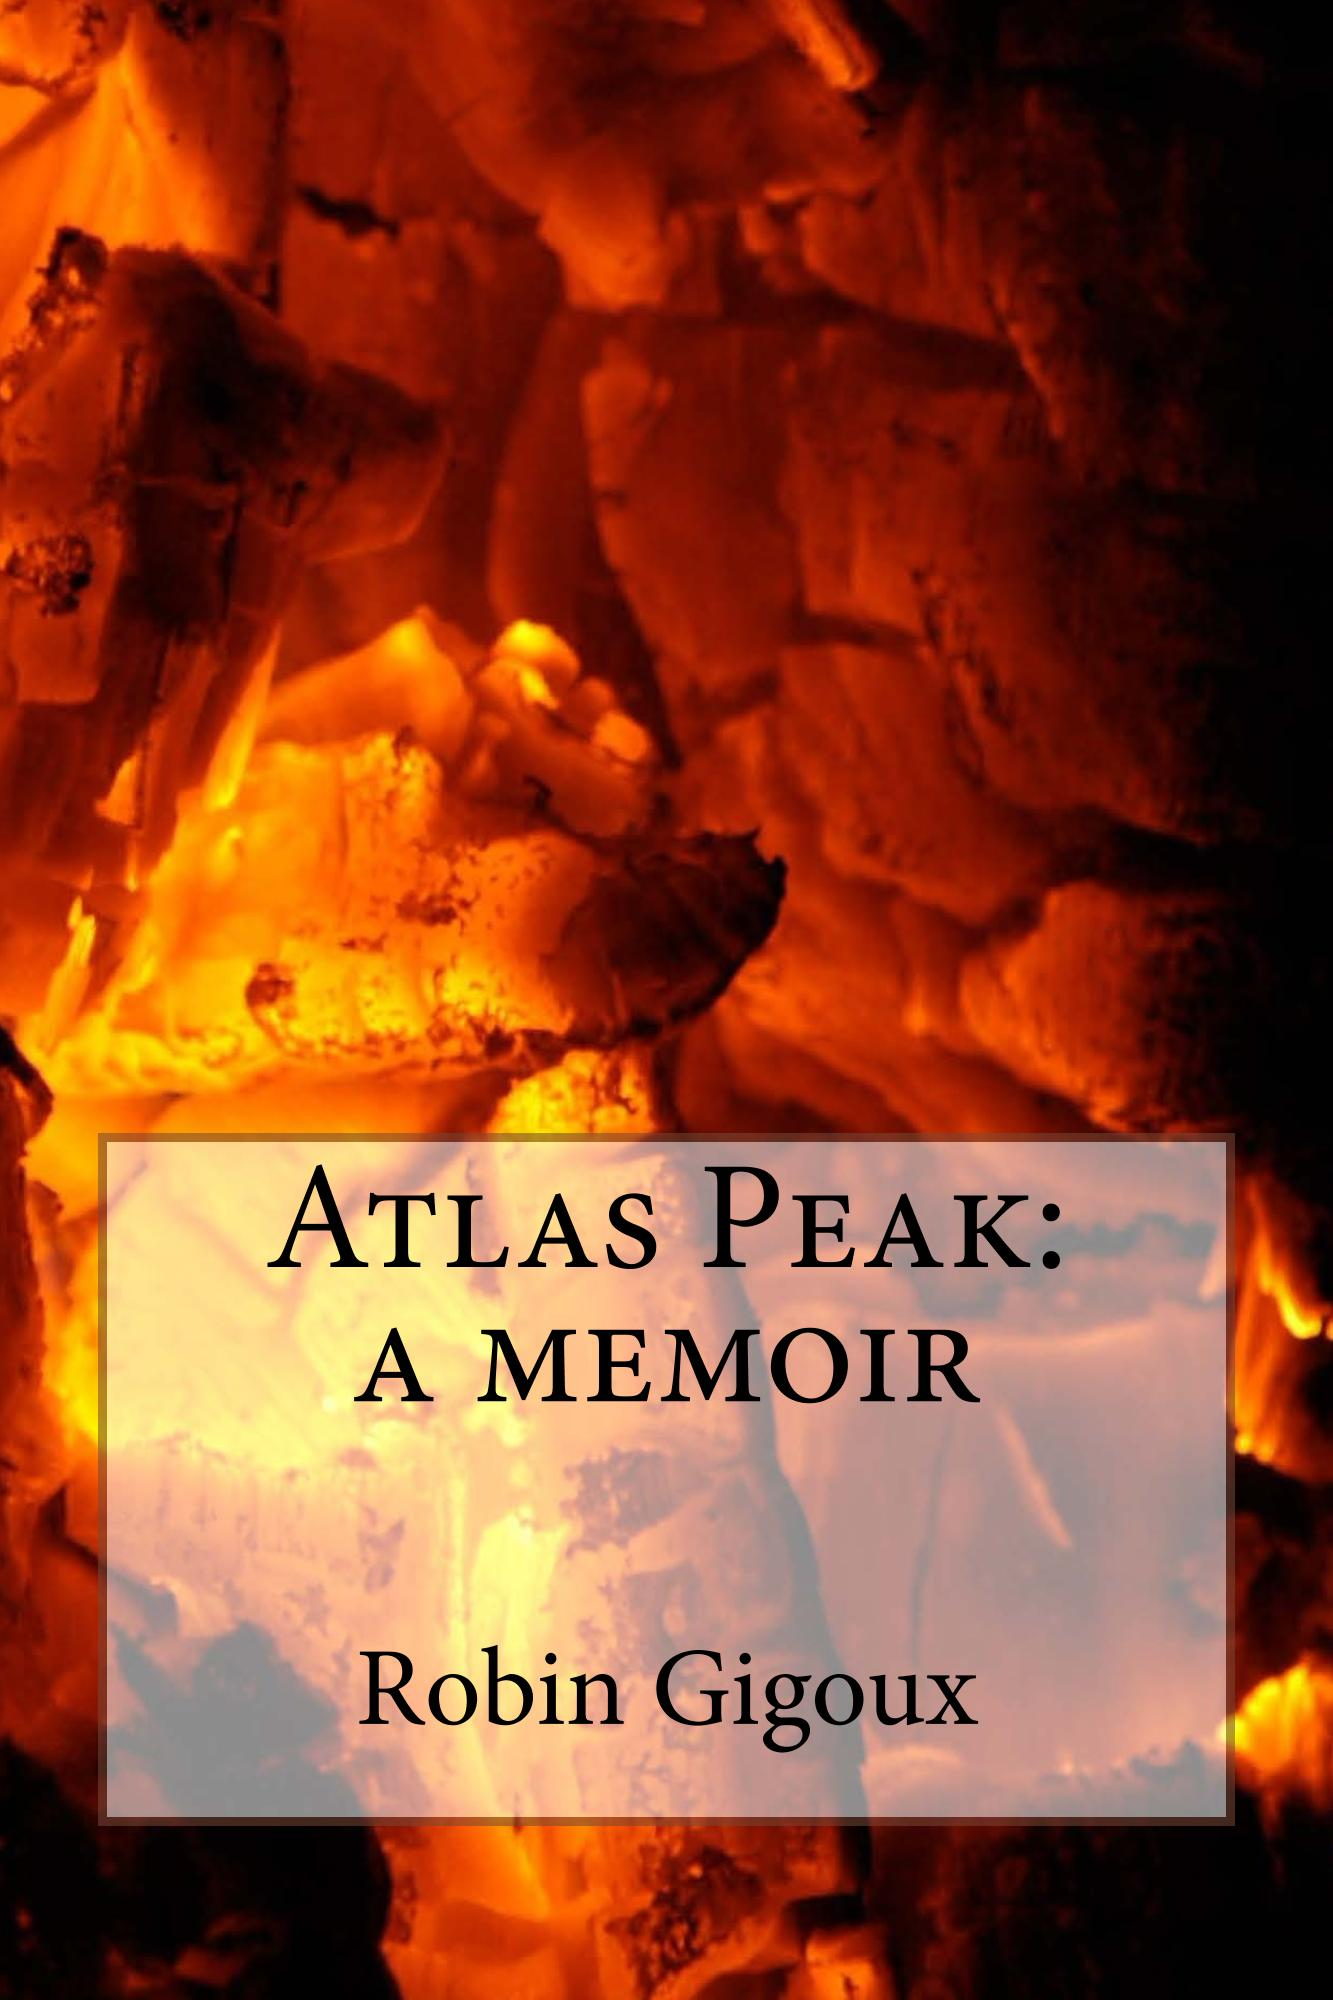 Atlas_Peak_a_memoir_Cover_for_Kindle